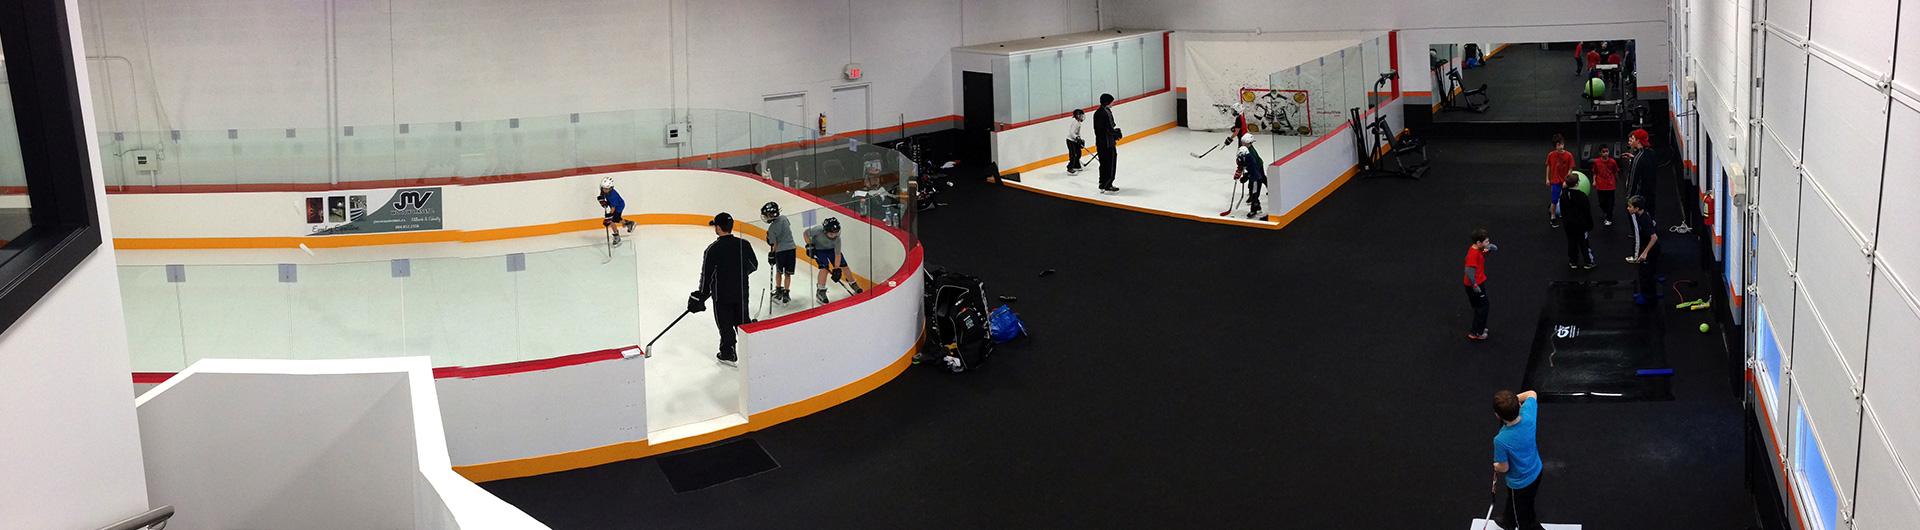 Eishockey auf synthetischem Xtraice